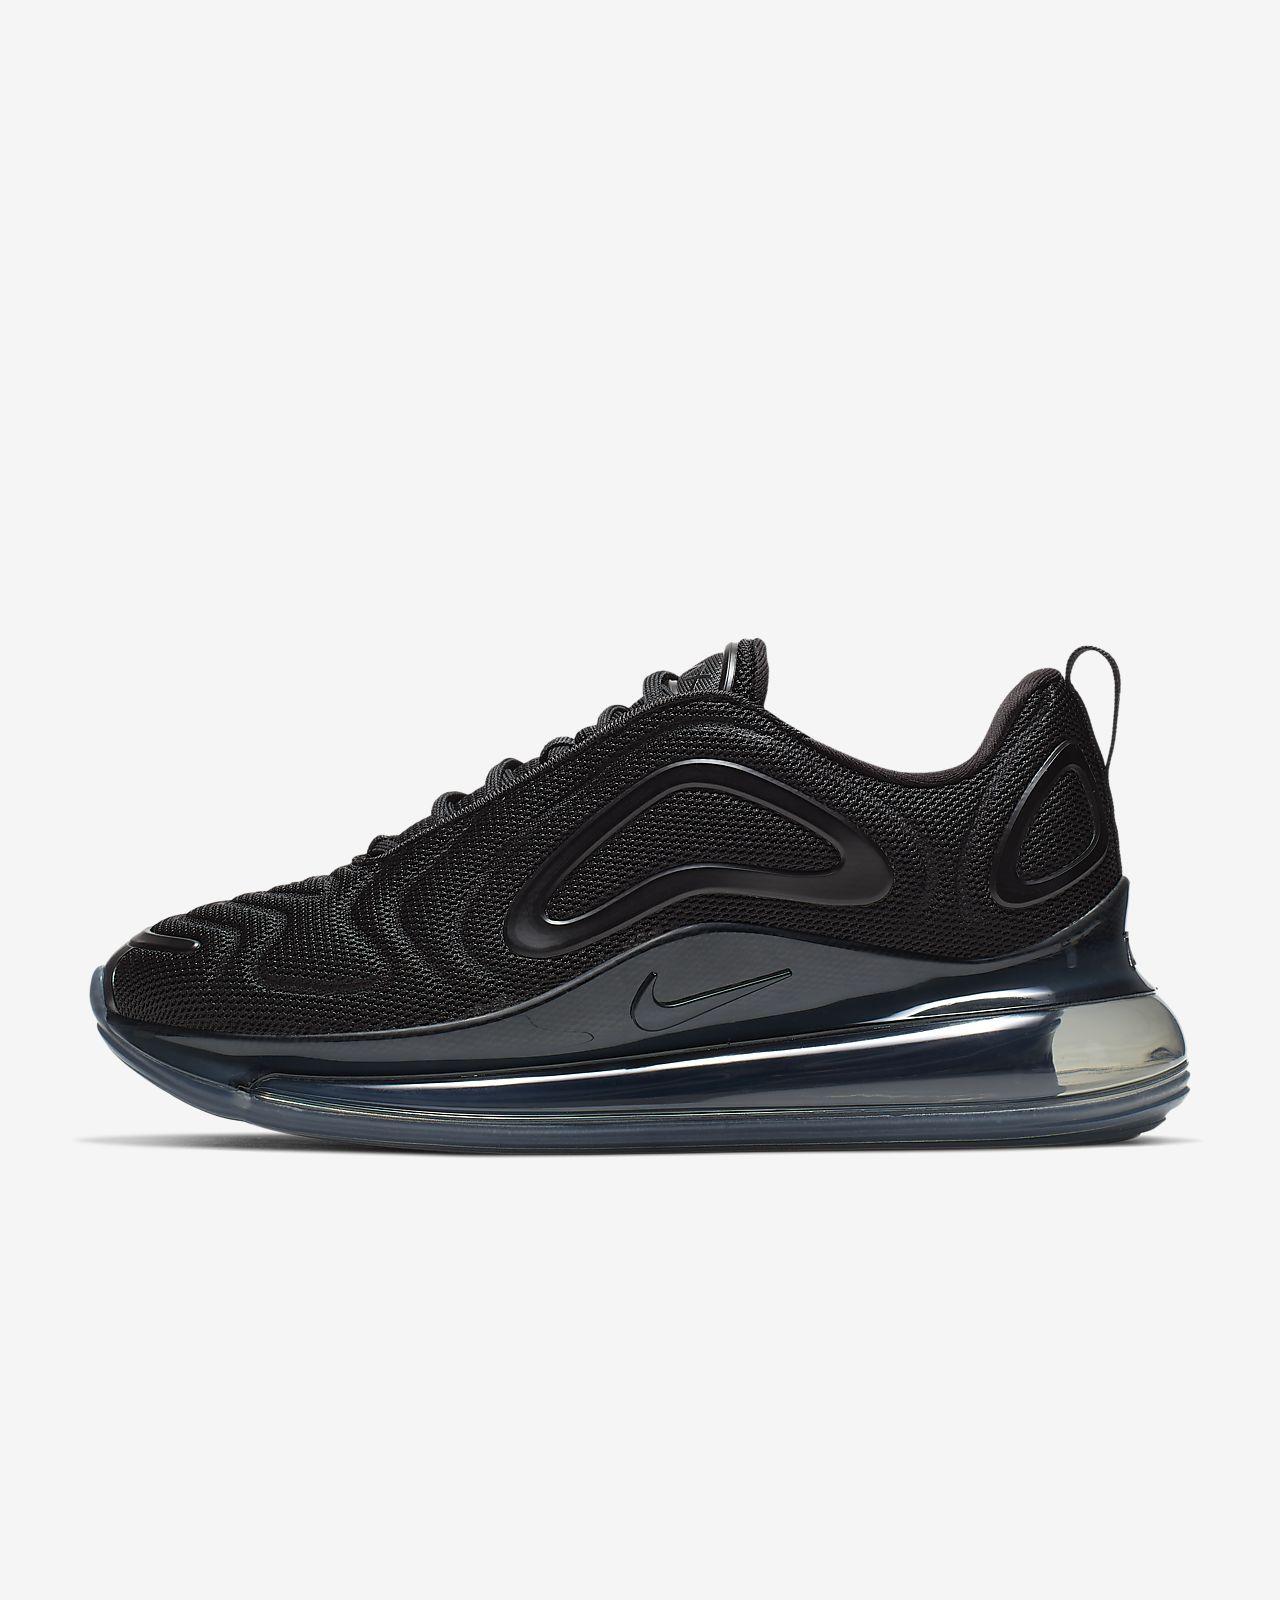 รองเท้าผู้หญิง Nike Air Max 720